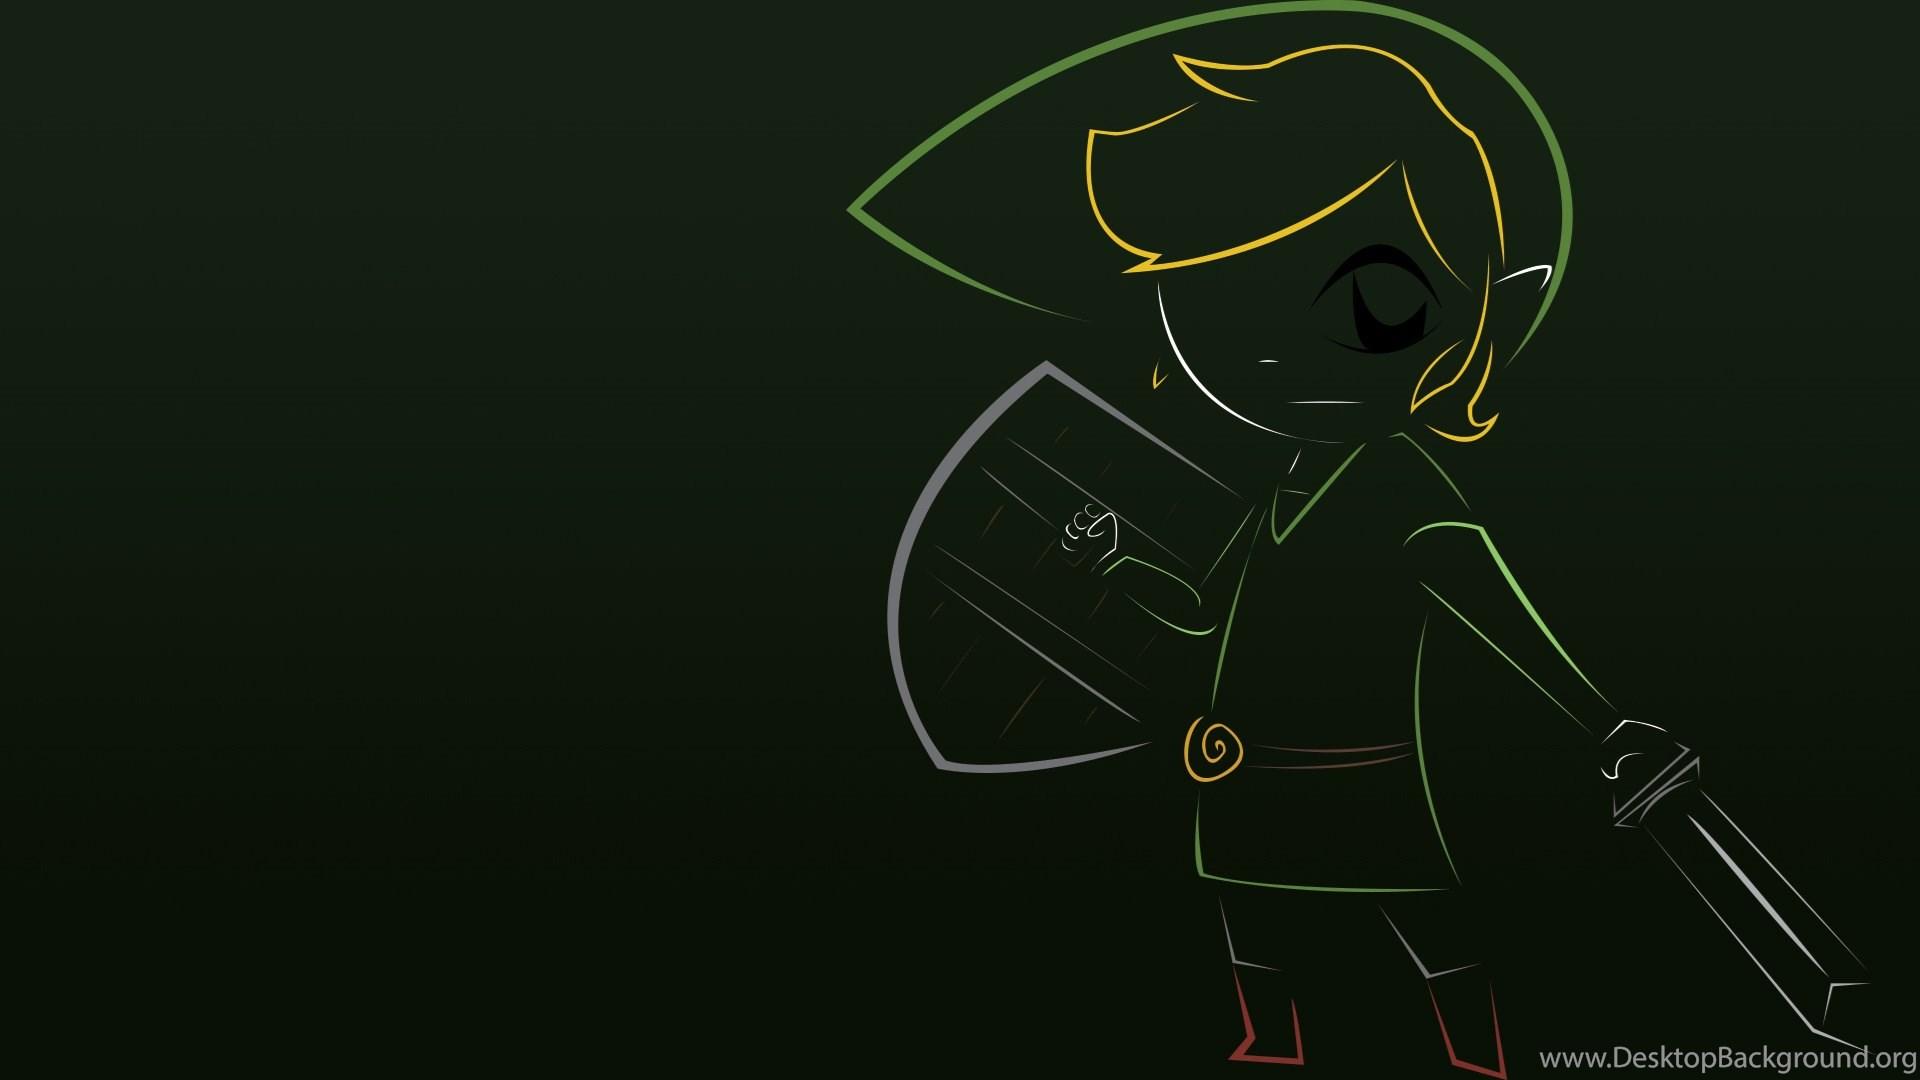 Zelda Computer Wallpapers, Desktop Backgrounds Desktop